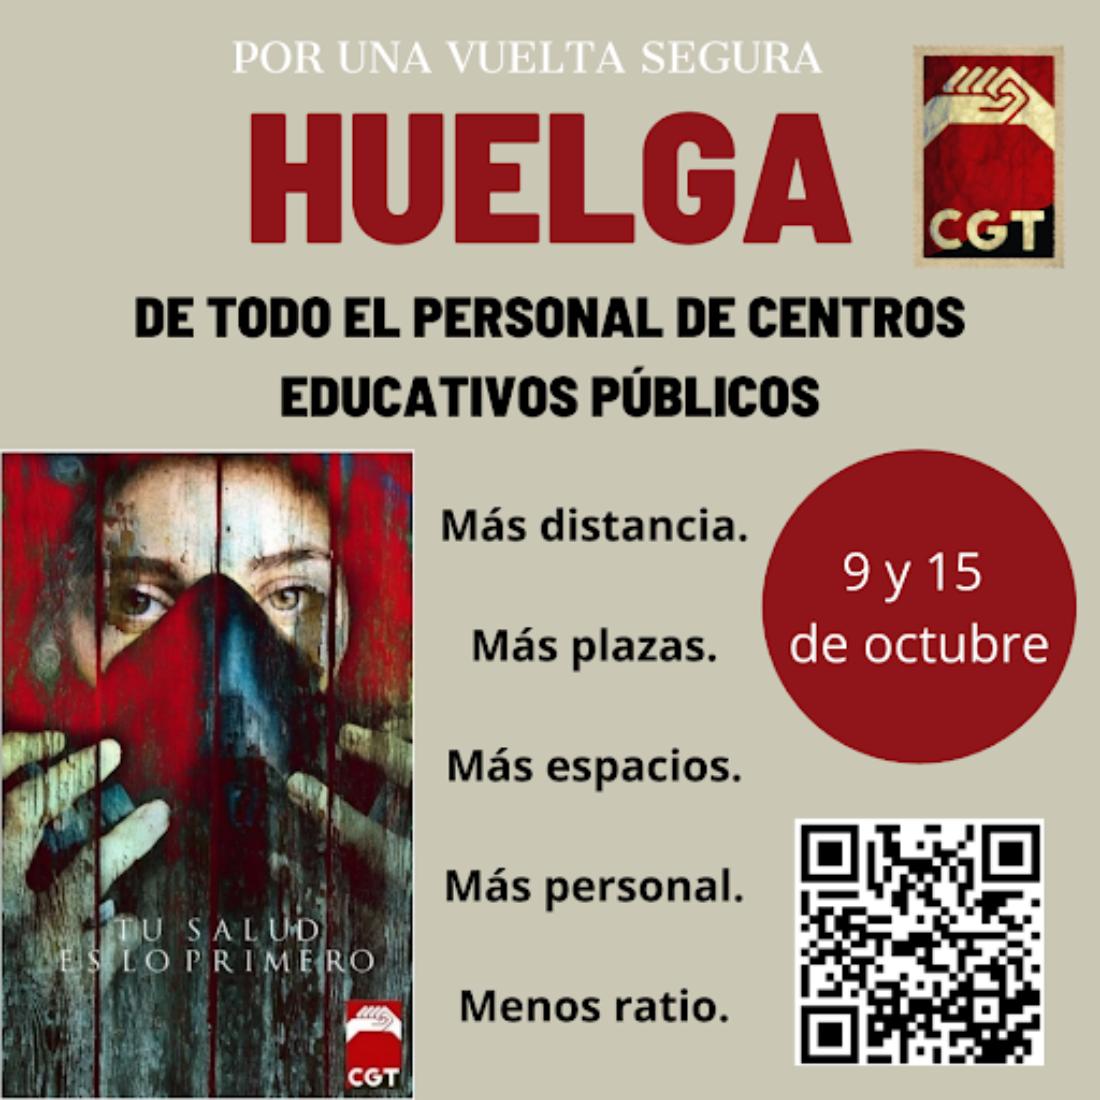 CGT anuncia huelga educativa los días 9 y 15 de octubre